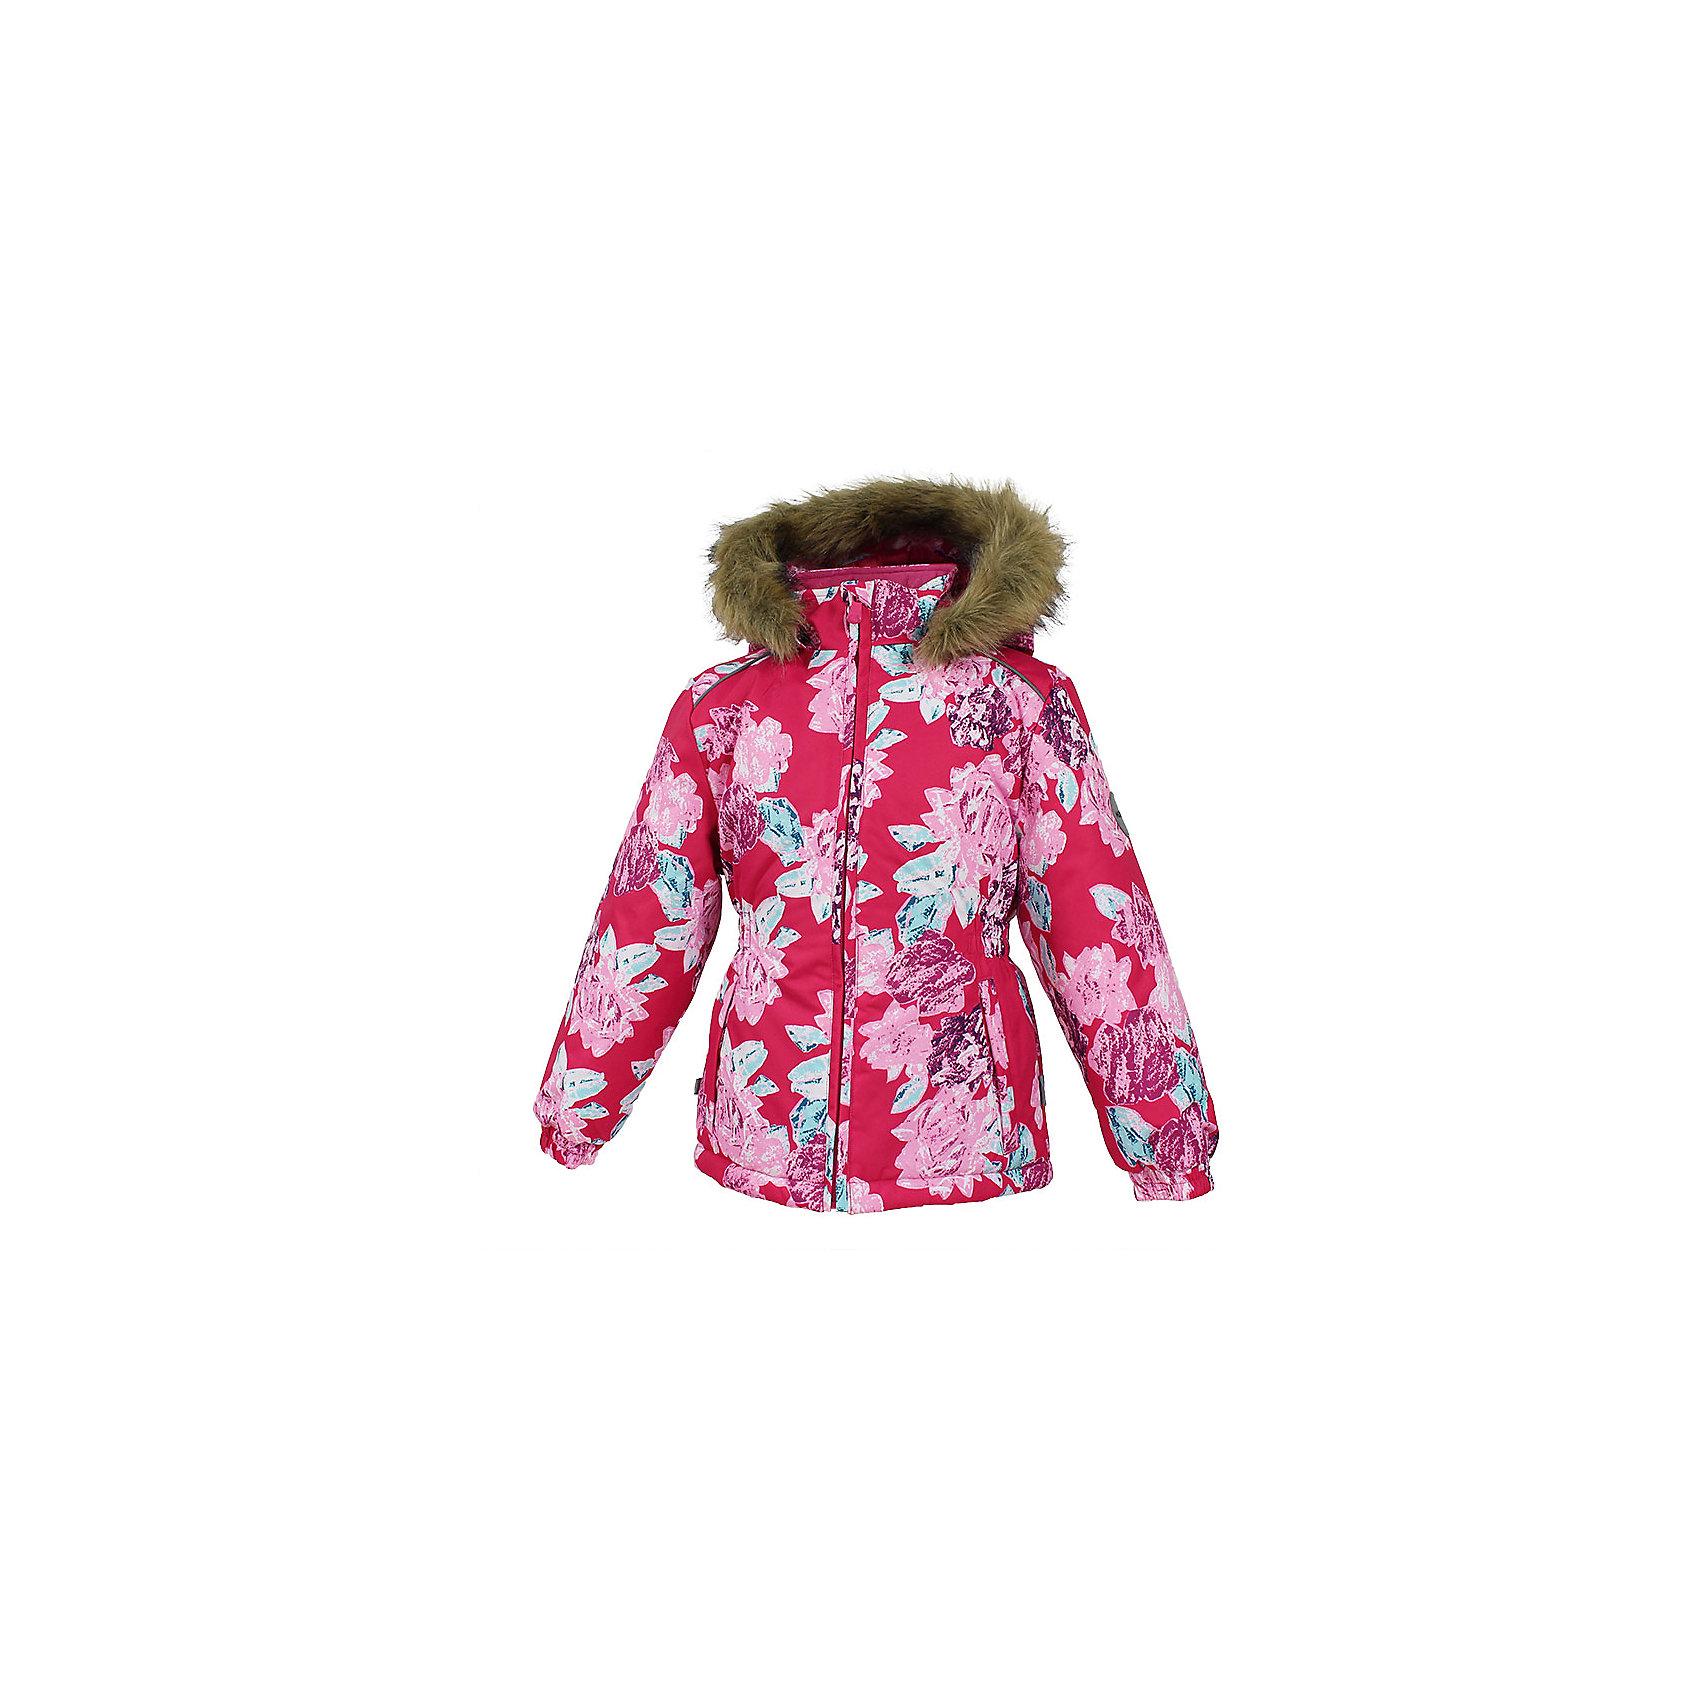 Куртка MARII Huppa для девочкиВерхняя одежда<br>Куртка для девочек MARII.Водо и воздухонепроницаемость 10 000. Утеплитель 300 гр. Подкладка тафта, флис 100% полиэстер. Отстегивающийся капюшон с мехом. Манжеты рукавов на резинке. Имеются светоотражательные детали.<br>Состав:<br>100% Полиэстер<br><br>Ширина мм: 356<br>Глубина мм: 10<br>Высота мм: 245<br>Вес г: 519<br>Цвет: фуксия<br>Возраст от месяцев: 108<br>Возраст до месяцев: 120<br>Пол: Женский<br>Возраст: Детский<br>Размер: 140,110,116,122,128,134<br>SKU: 7027323